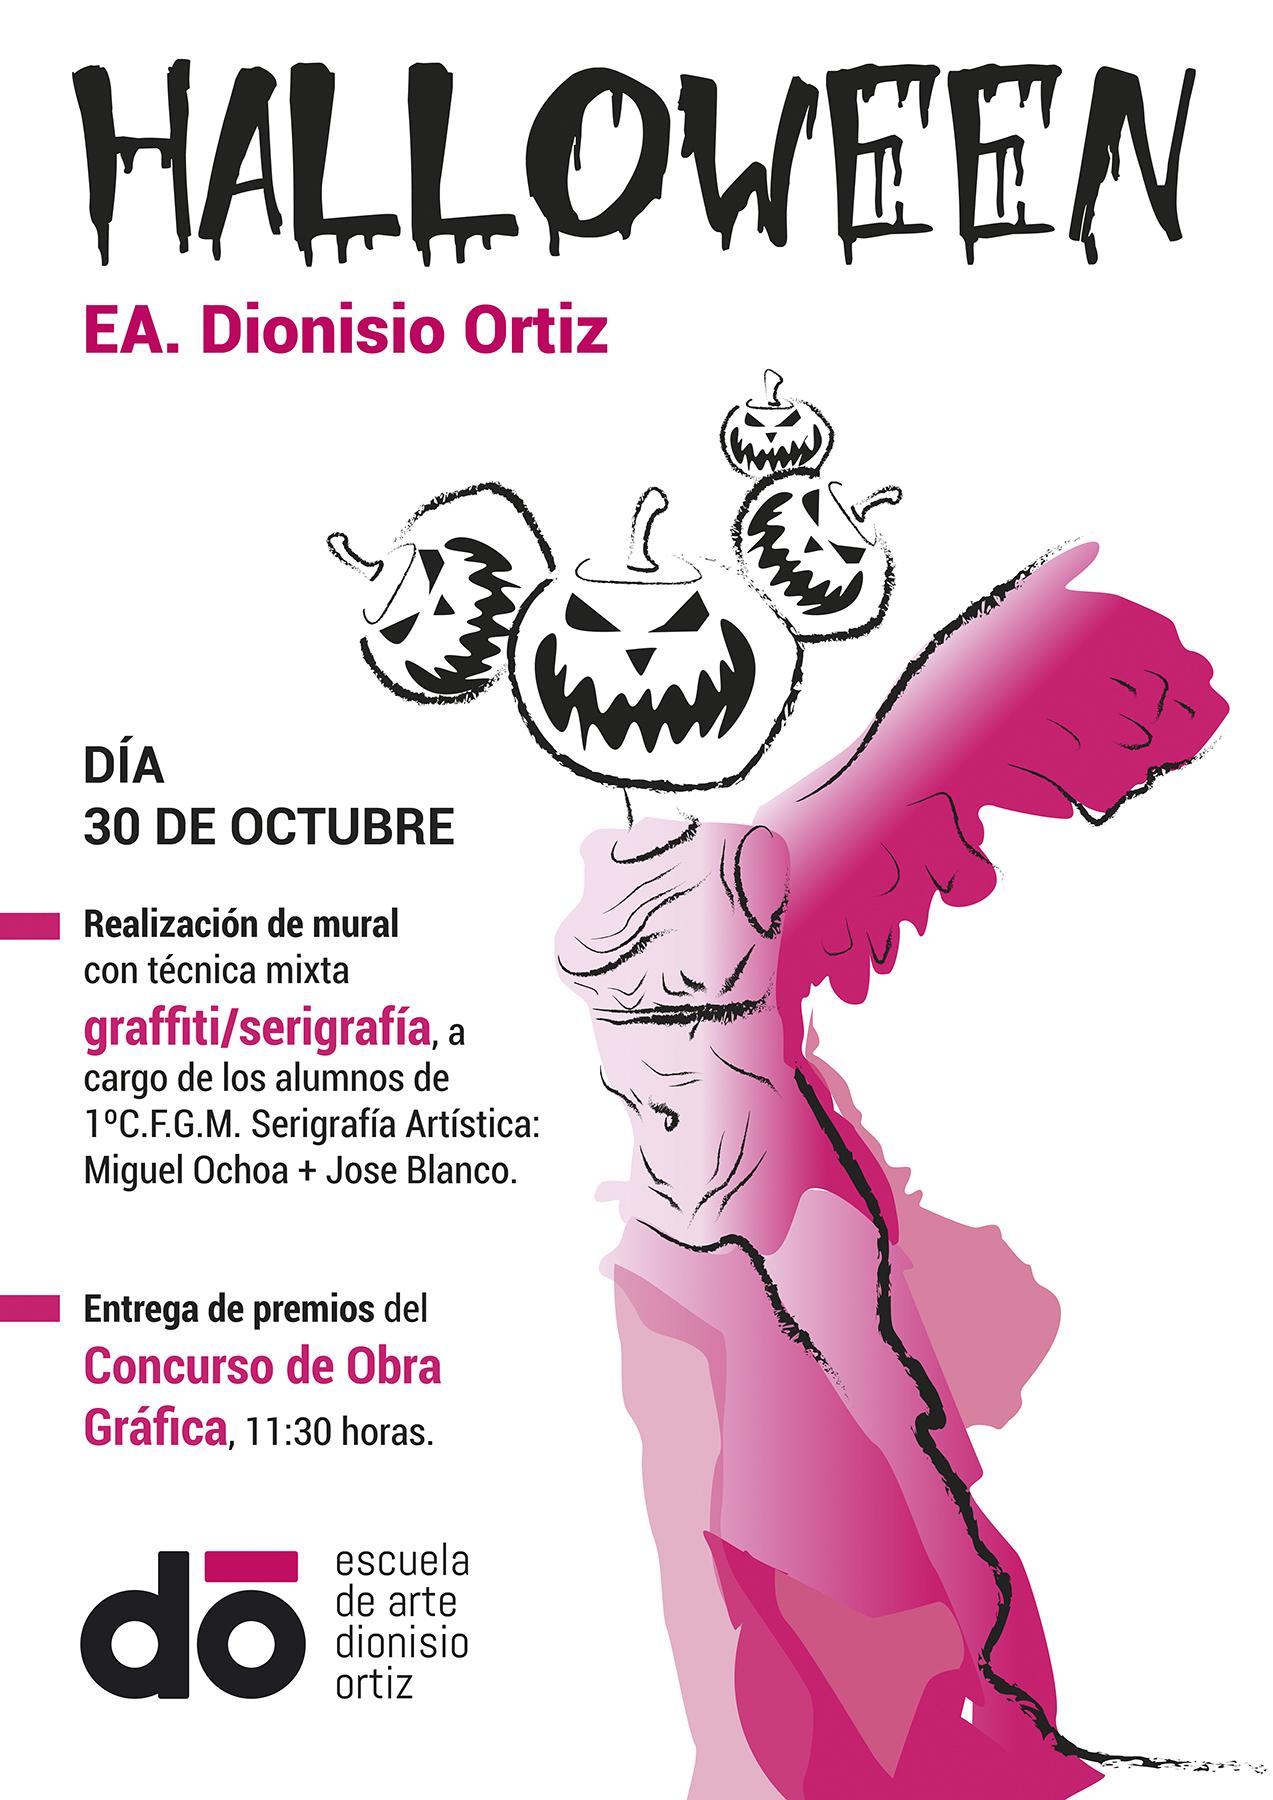 Anuncio de actividades en el centro para el 30 de octubre.